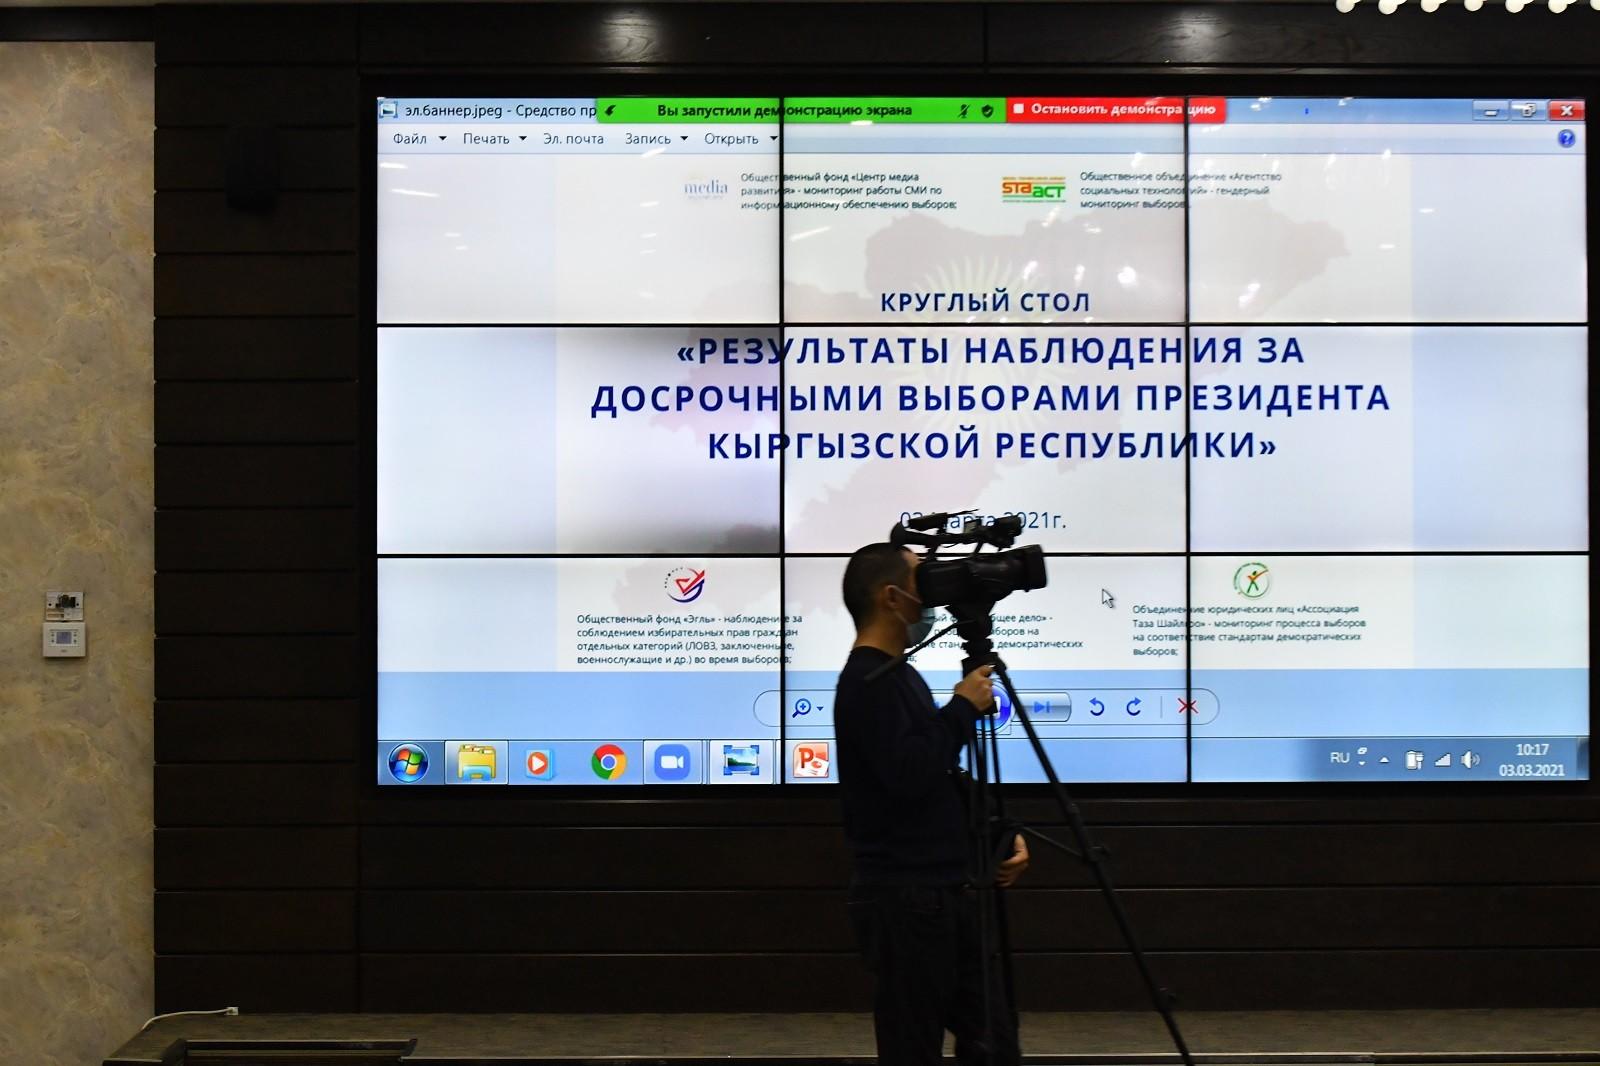 Круглый стол: «Результаты наблюдения за досрочными выборами президента КР 10 января 2021 года».